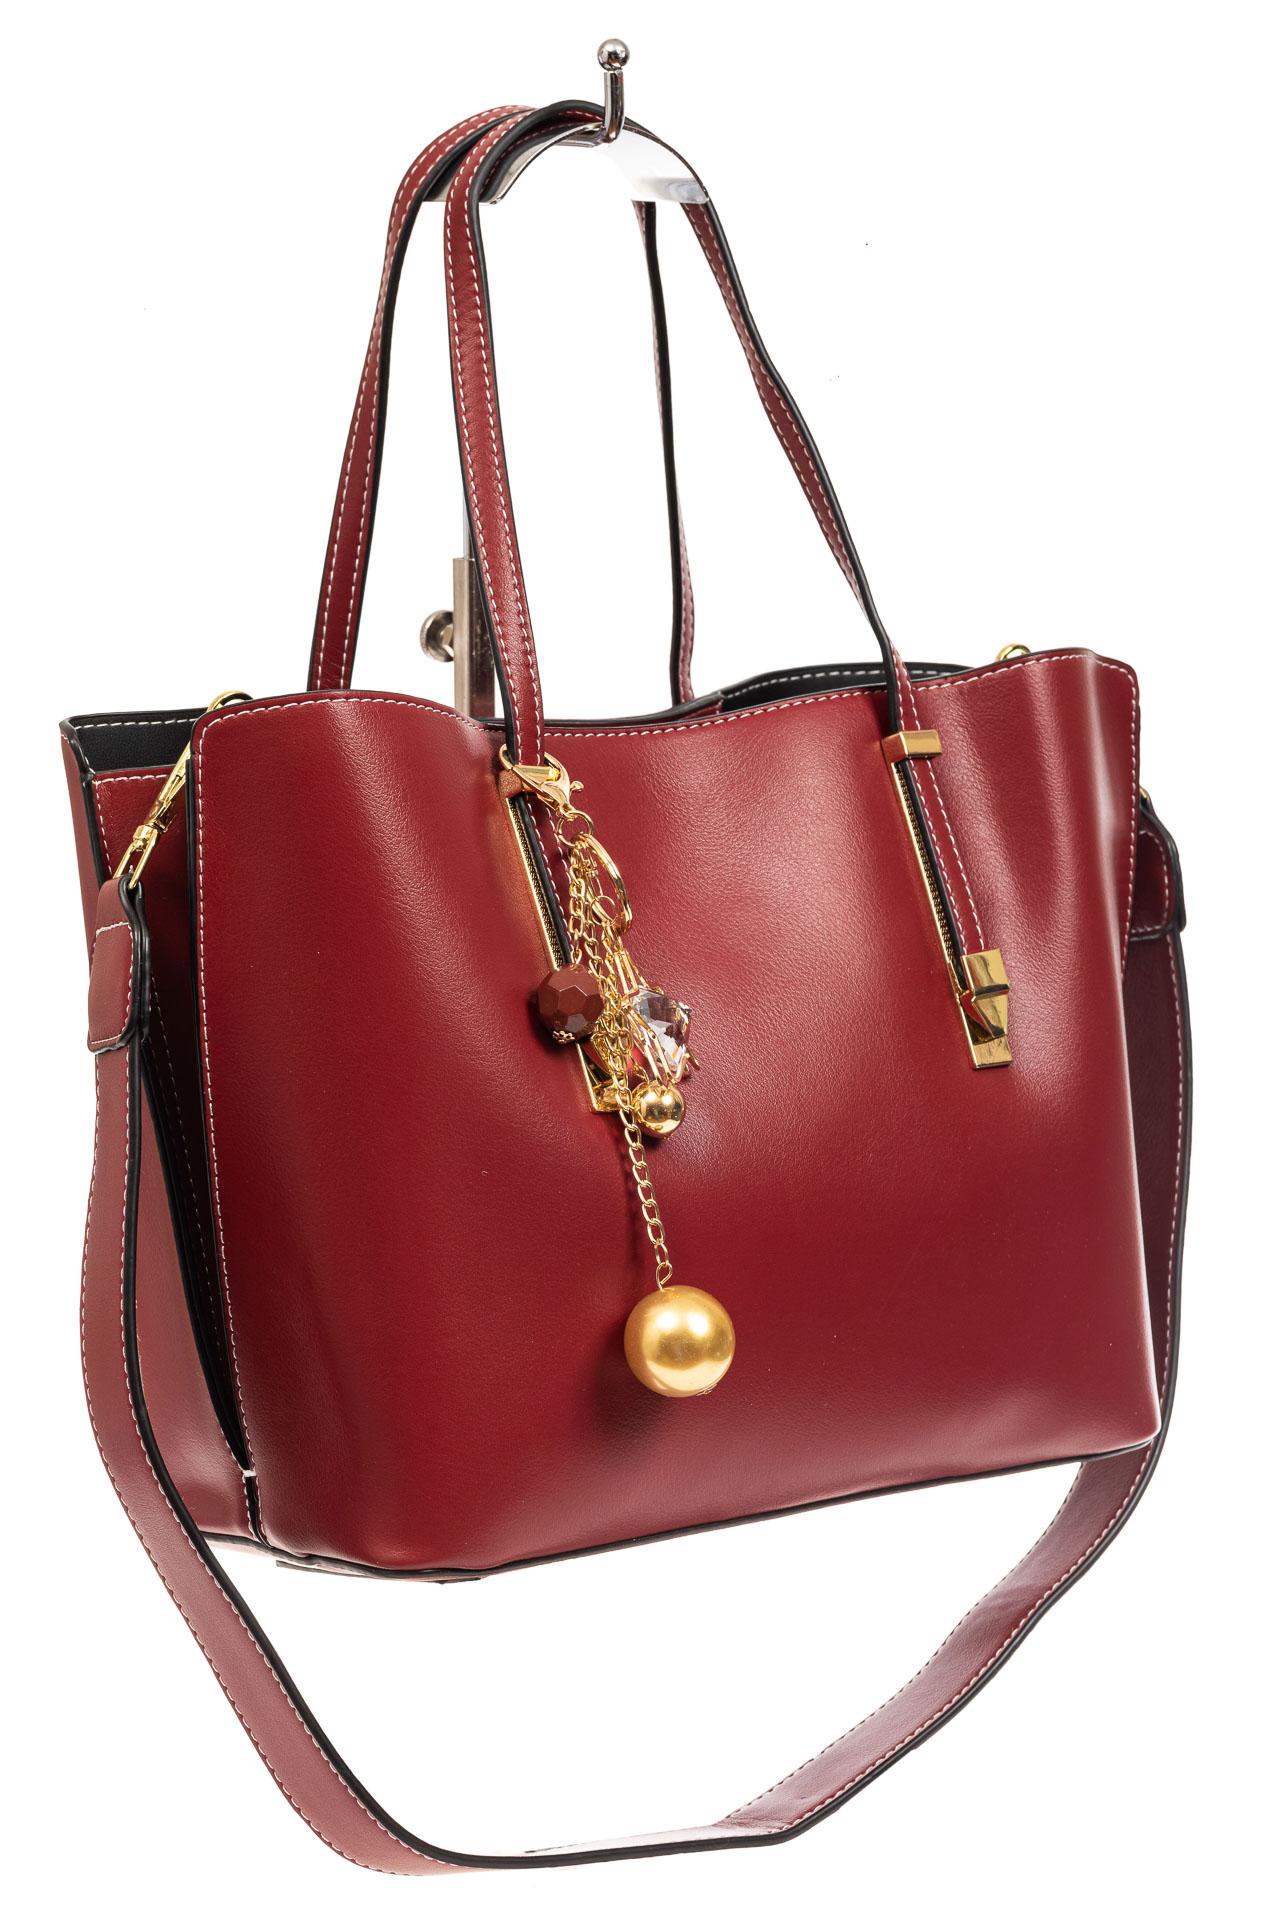 Женская сумка тоут из искусственной кожи, цвет бордовый8670PJ0520/4